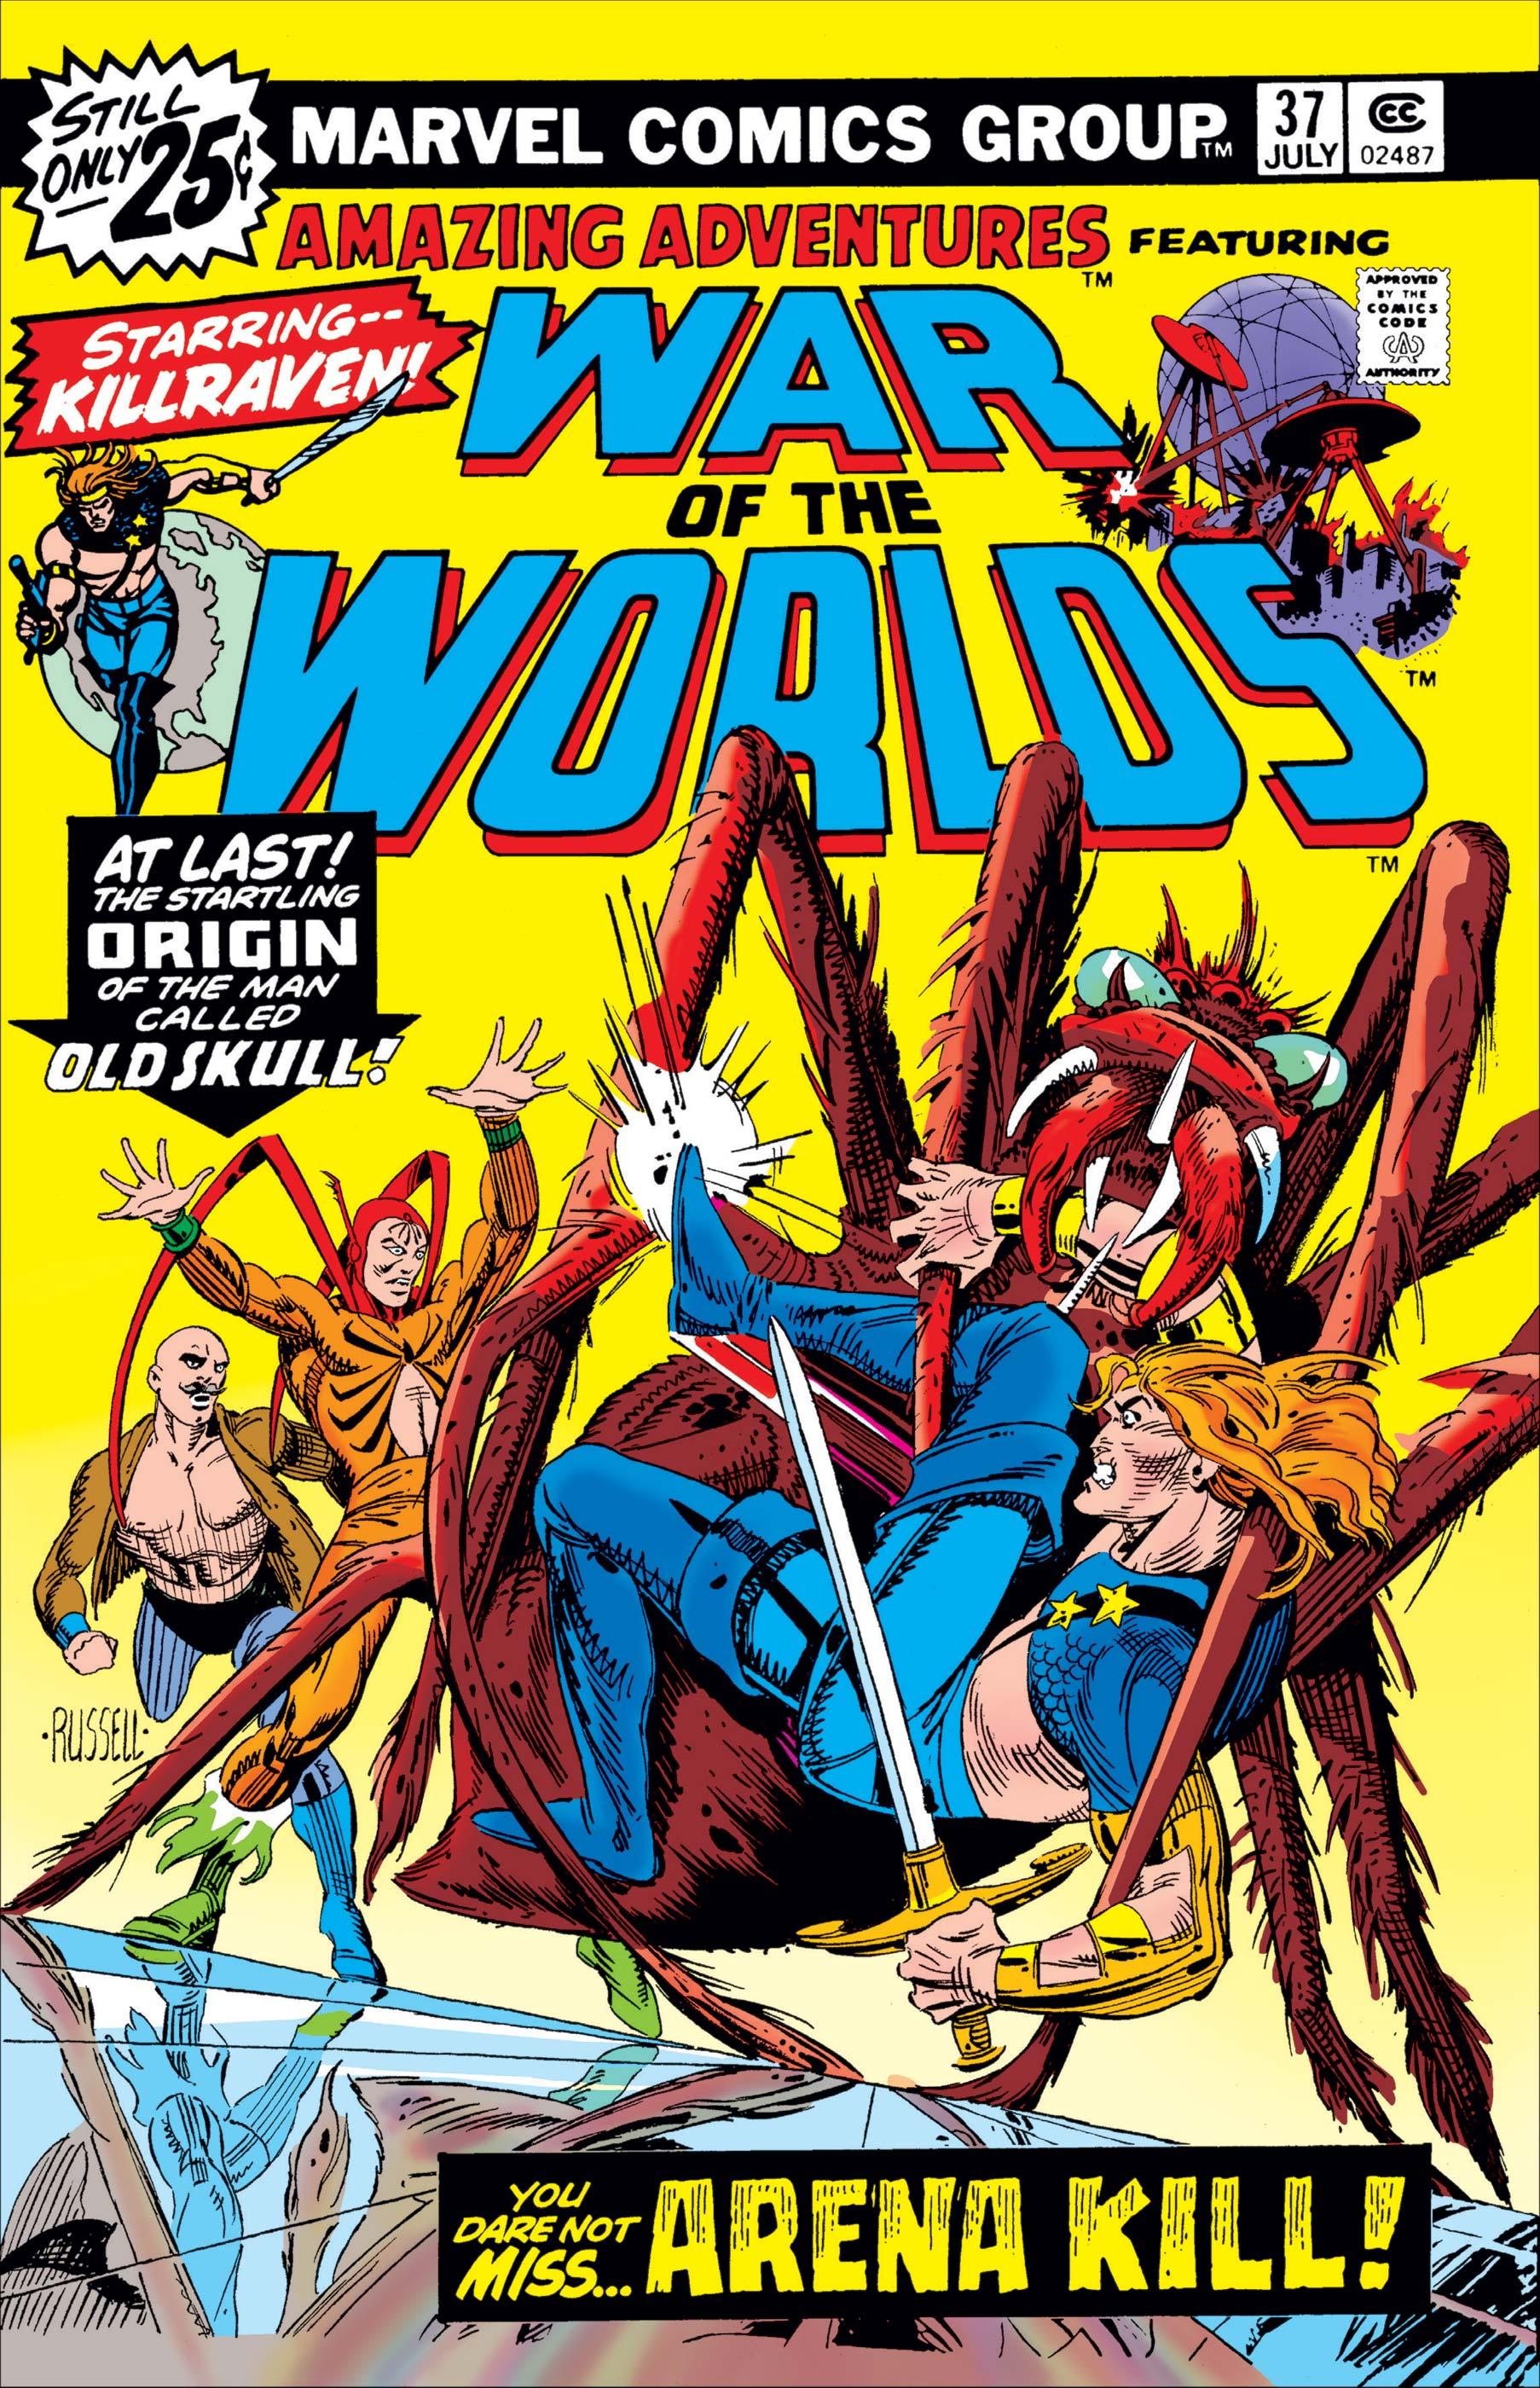 Amazing Adventures (1970) #37